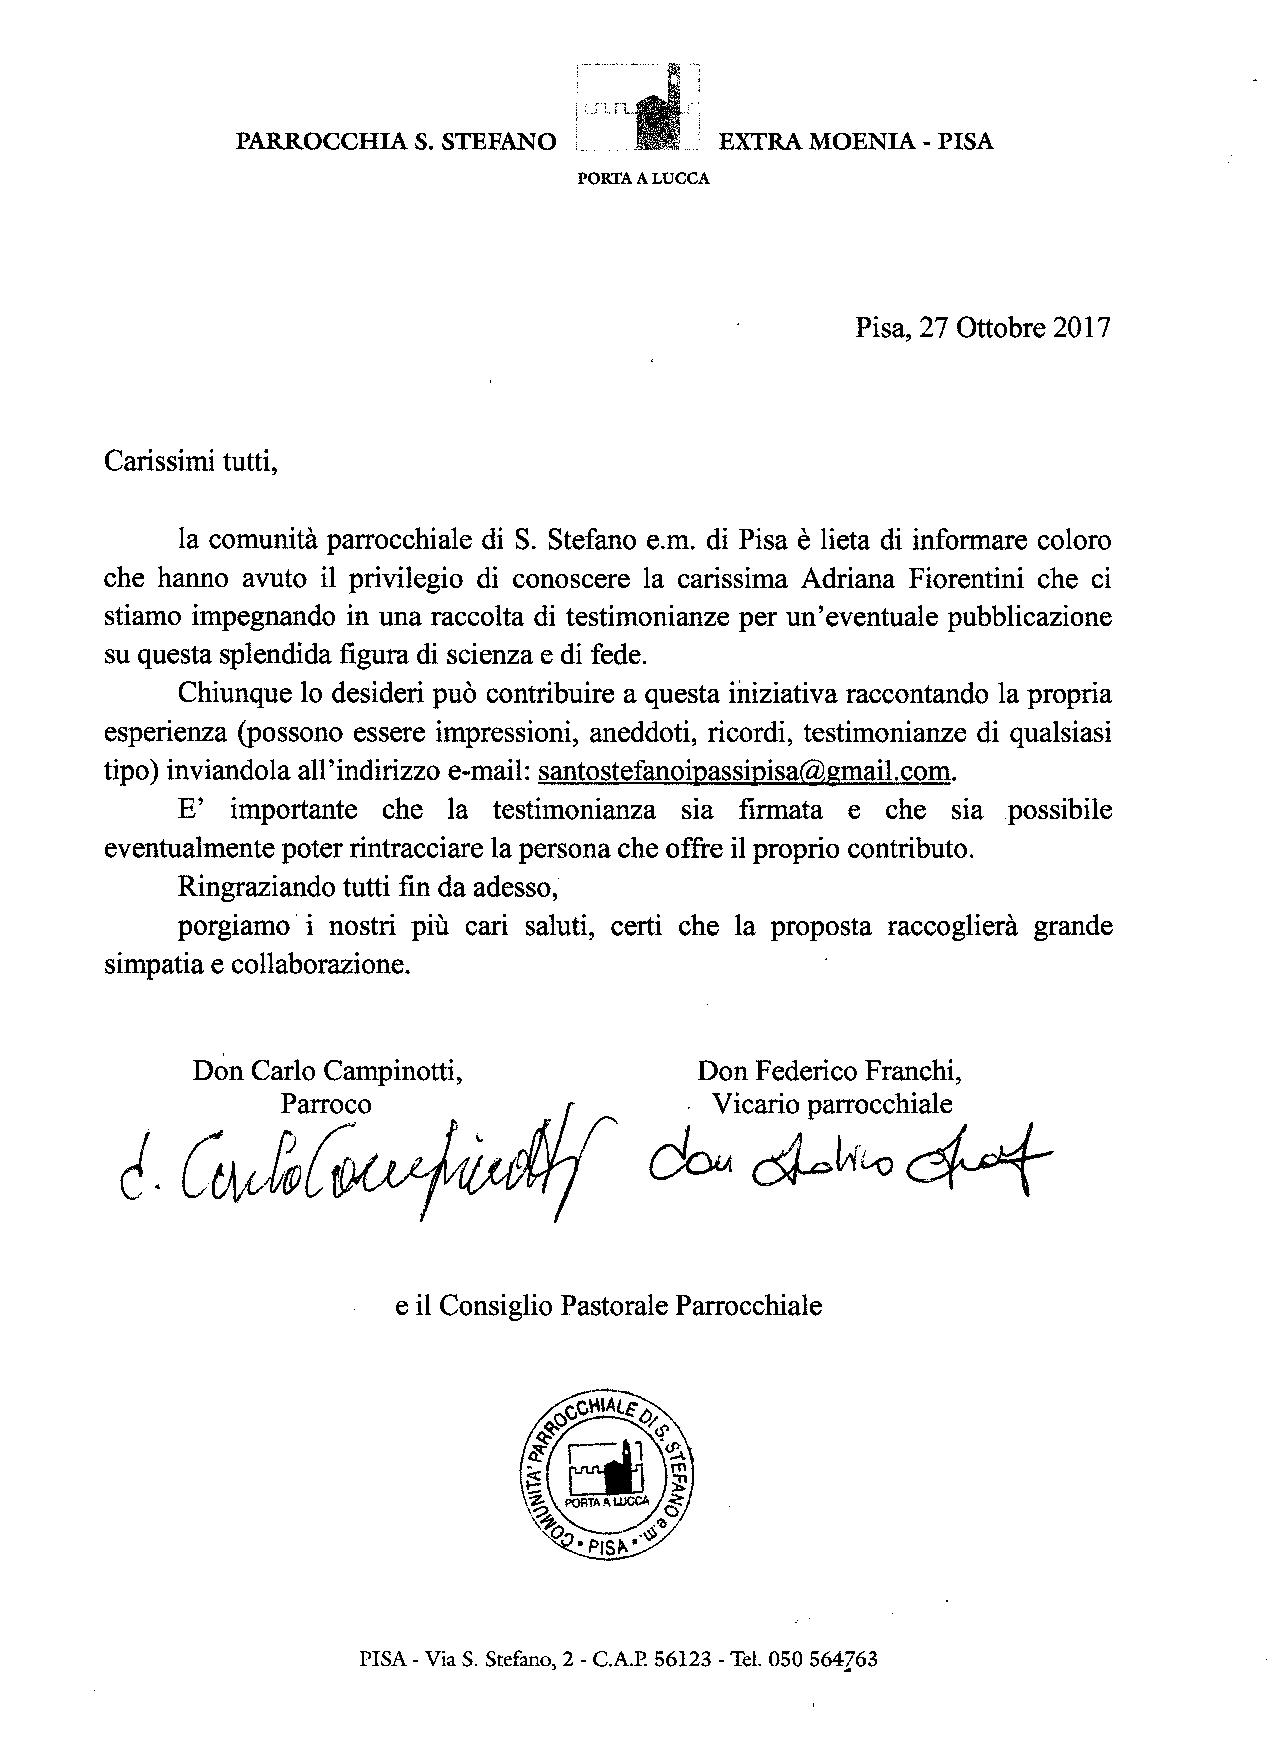 Raccolta di testimonianze su Adriana Fiorentini